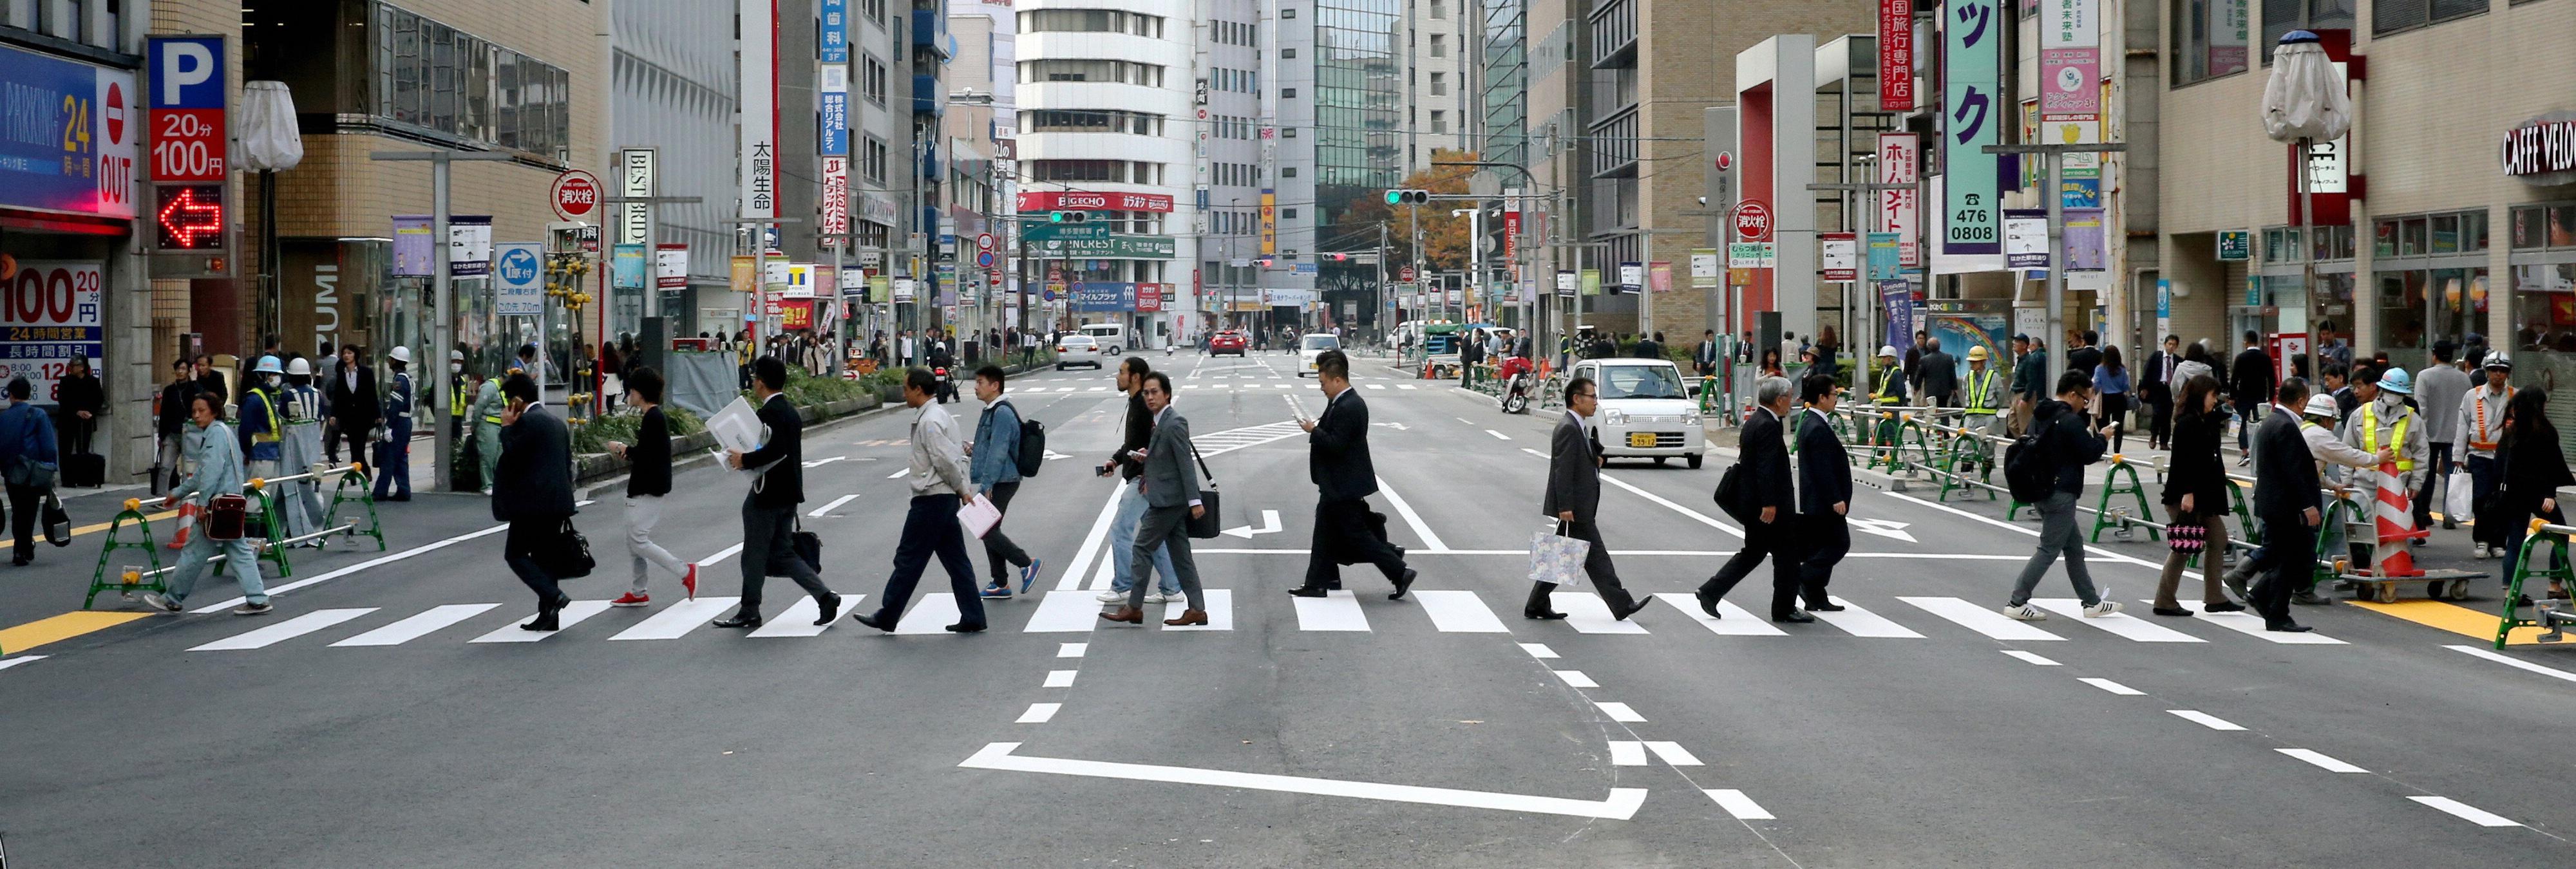 Ejemplo de eficacia: Reabre la carretera japonesa una semana después de su derrumbe